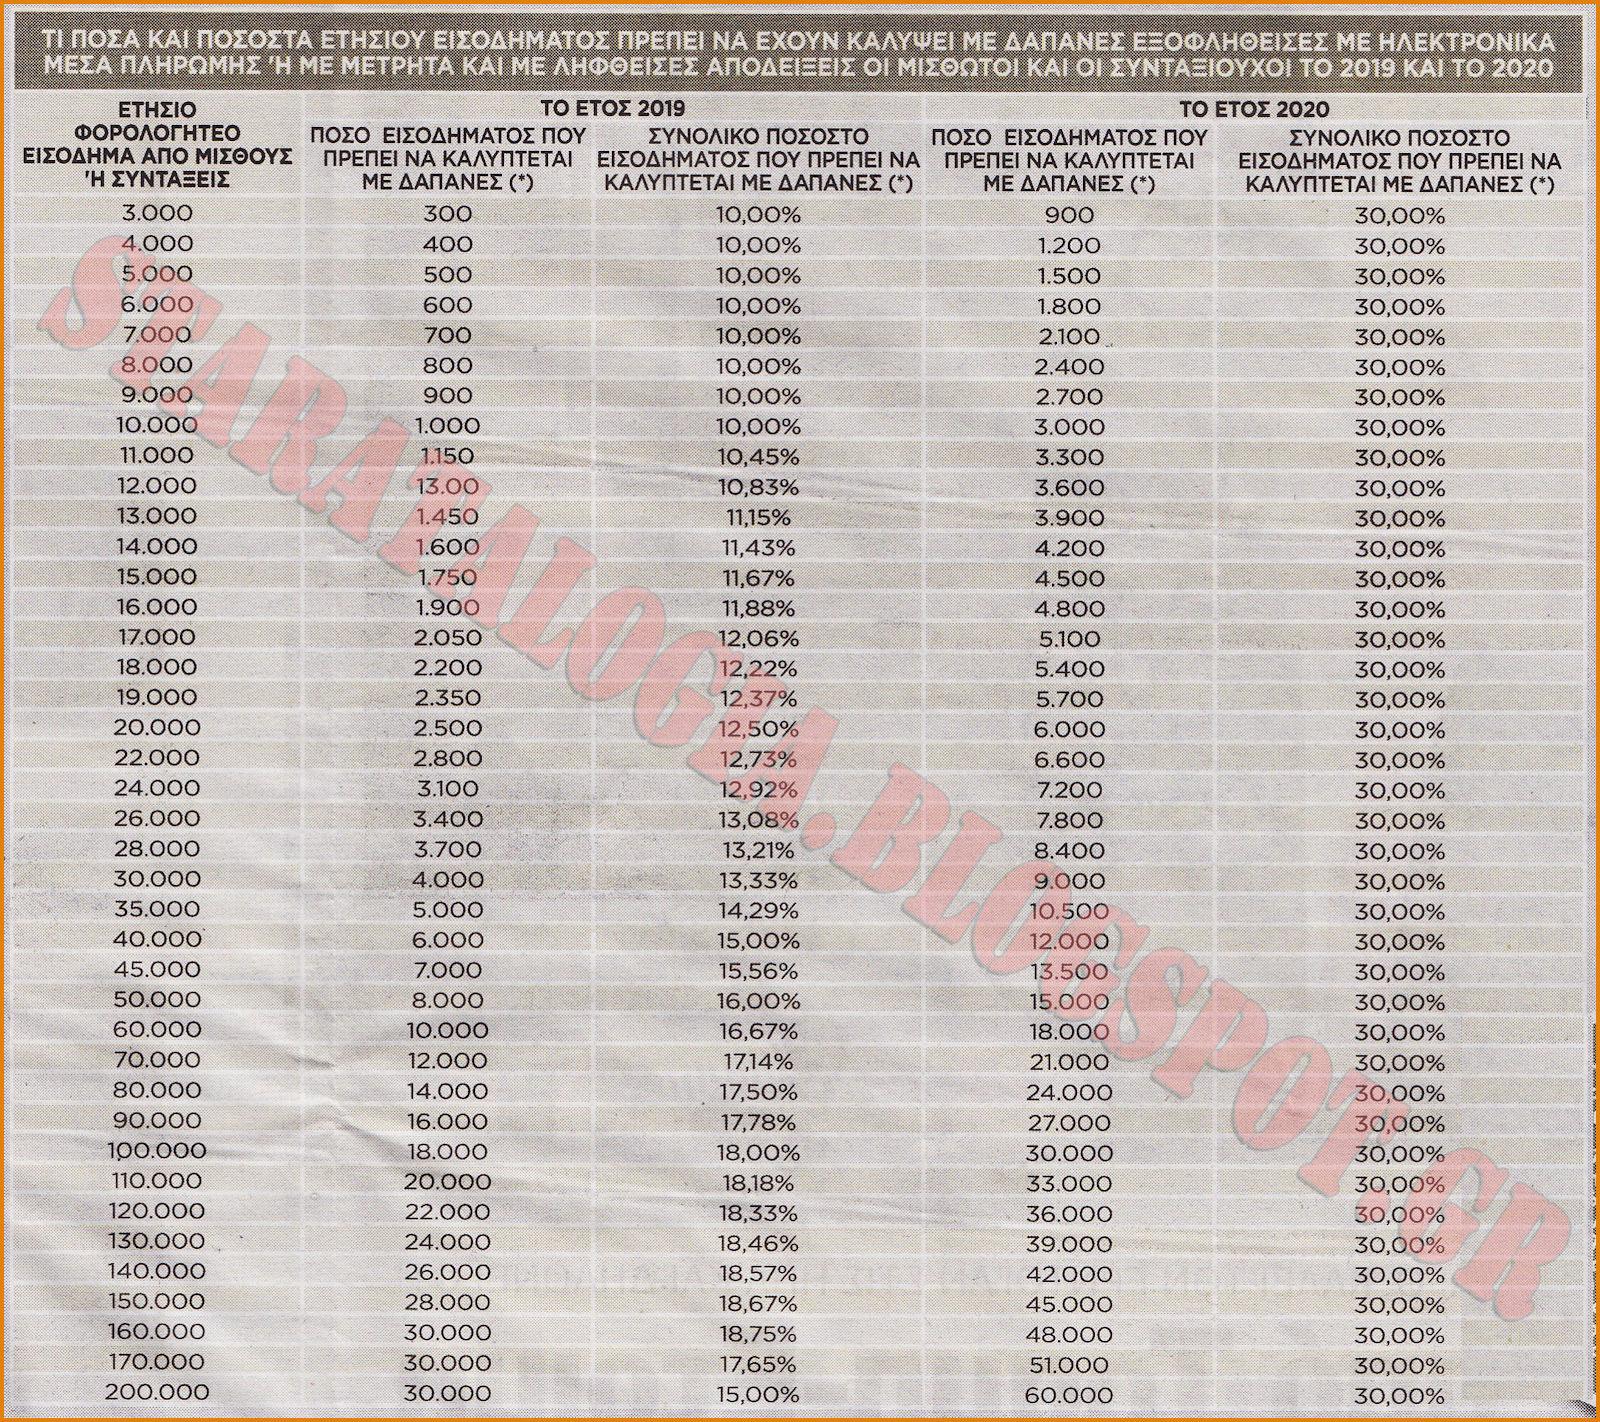 Ποιες δαπάνες θα μετρούν για αφορολόγητο-Διπλό πέναλτι από Εφορία  (ΠΙΝΑΚΑΣ-ΓΡΑΦΗΜΑ) - Φωτογραφία 1